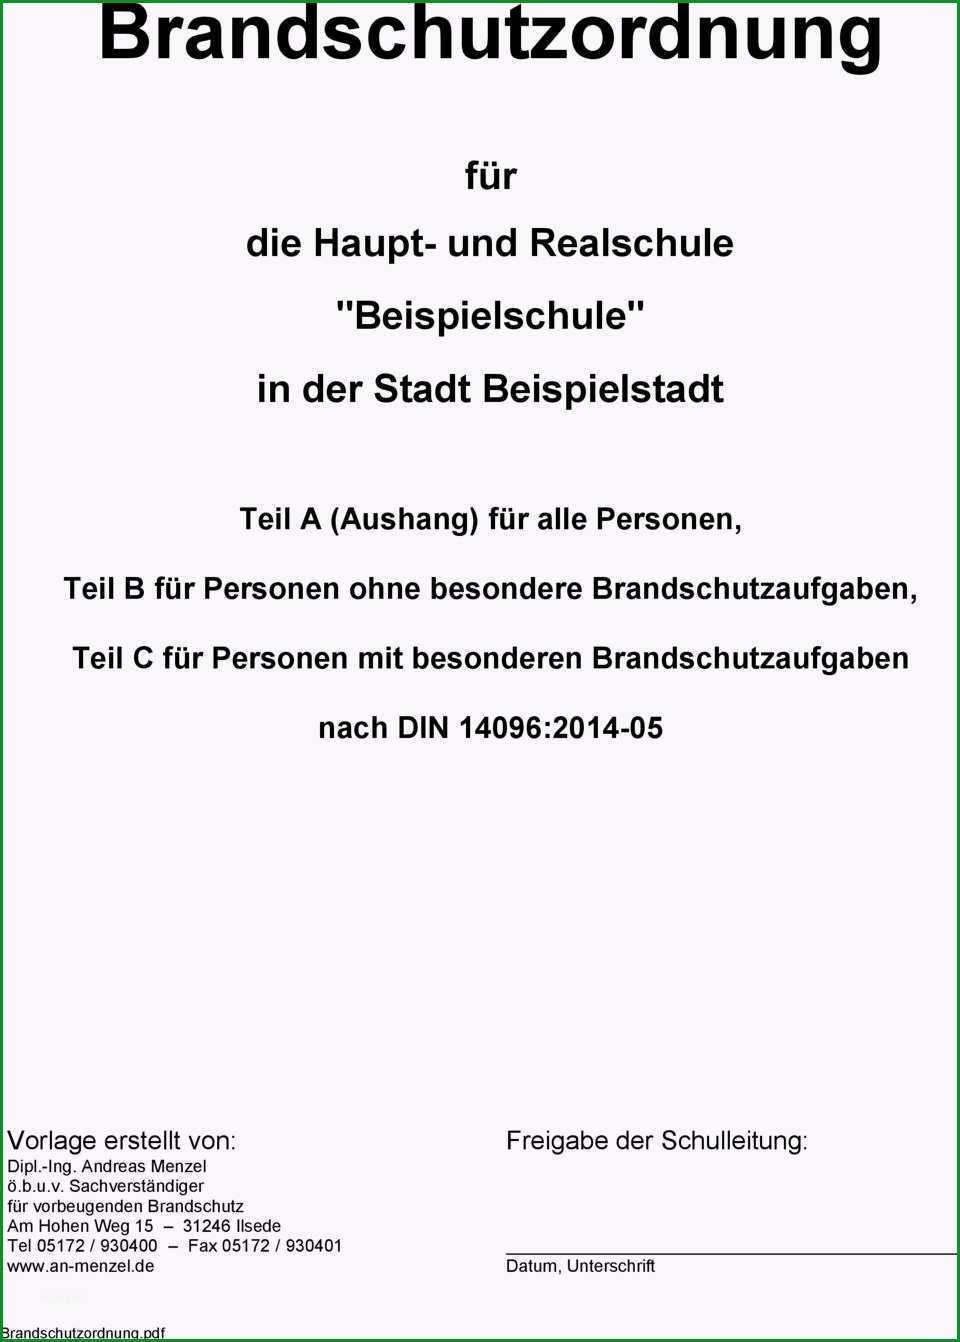 Brandschutzordnung fuer teil a aushang fuer alle personen teil b fuer personen ohne besondere brandschutzaufgaben